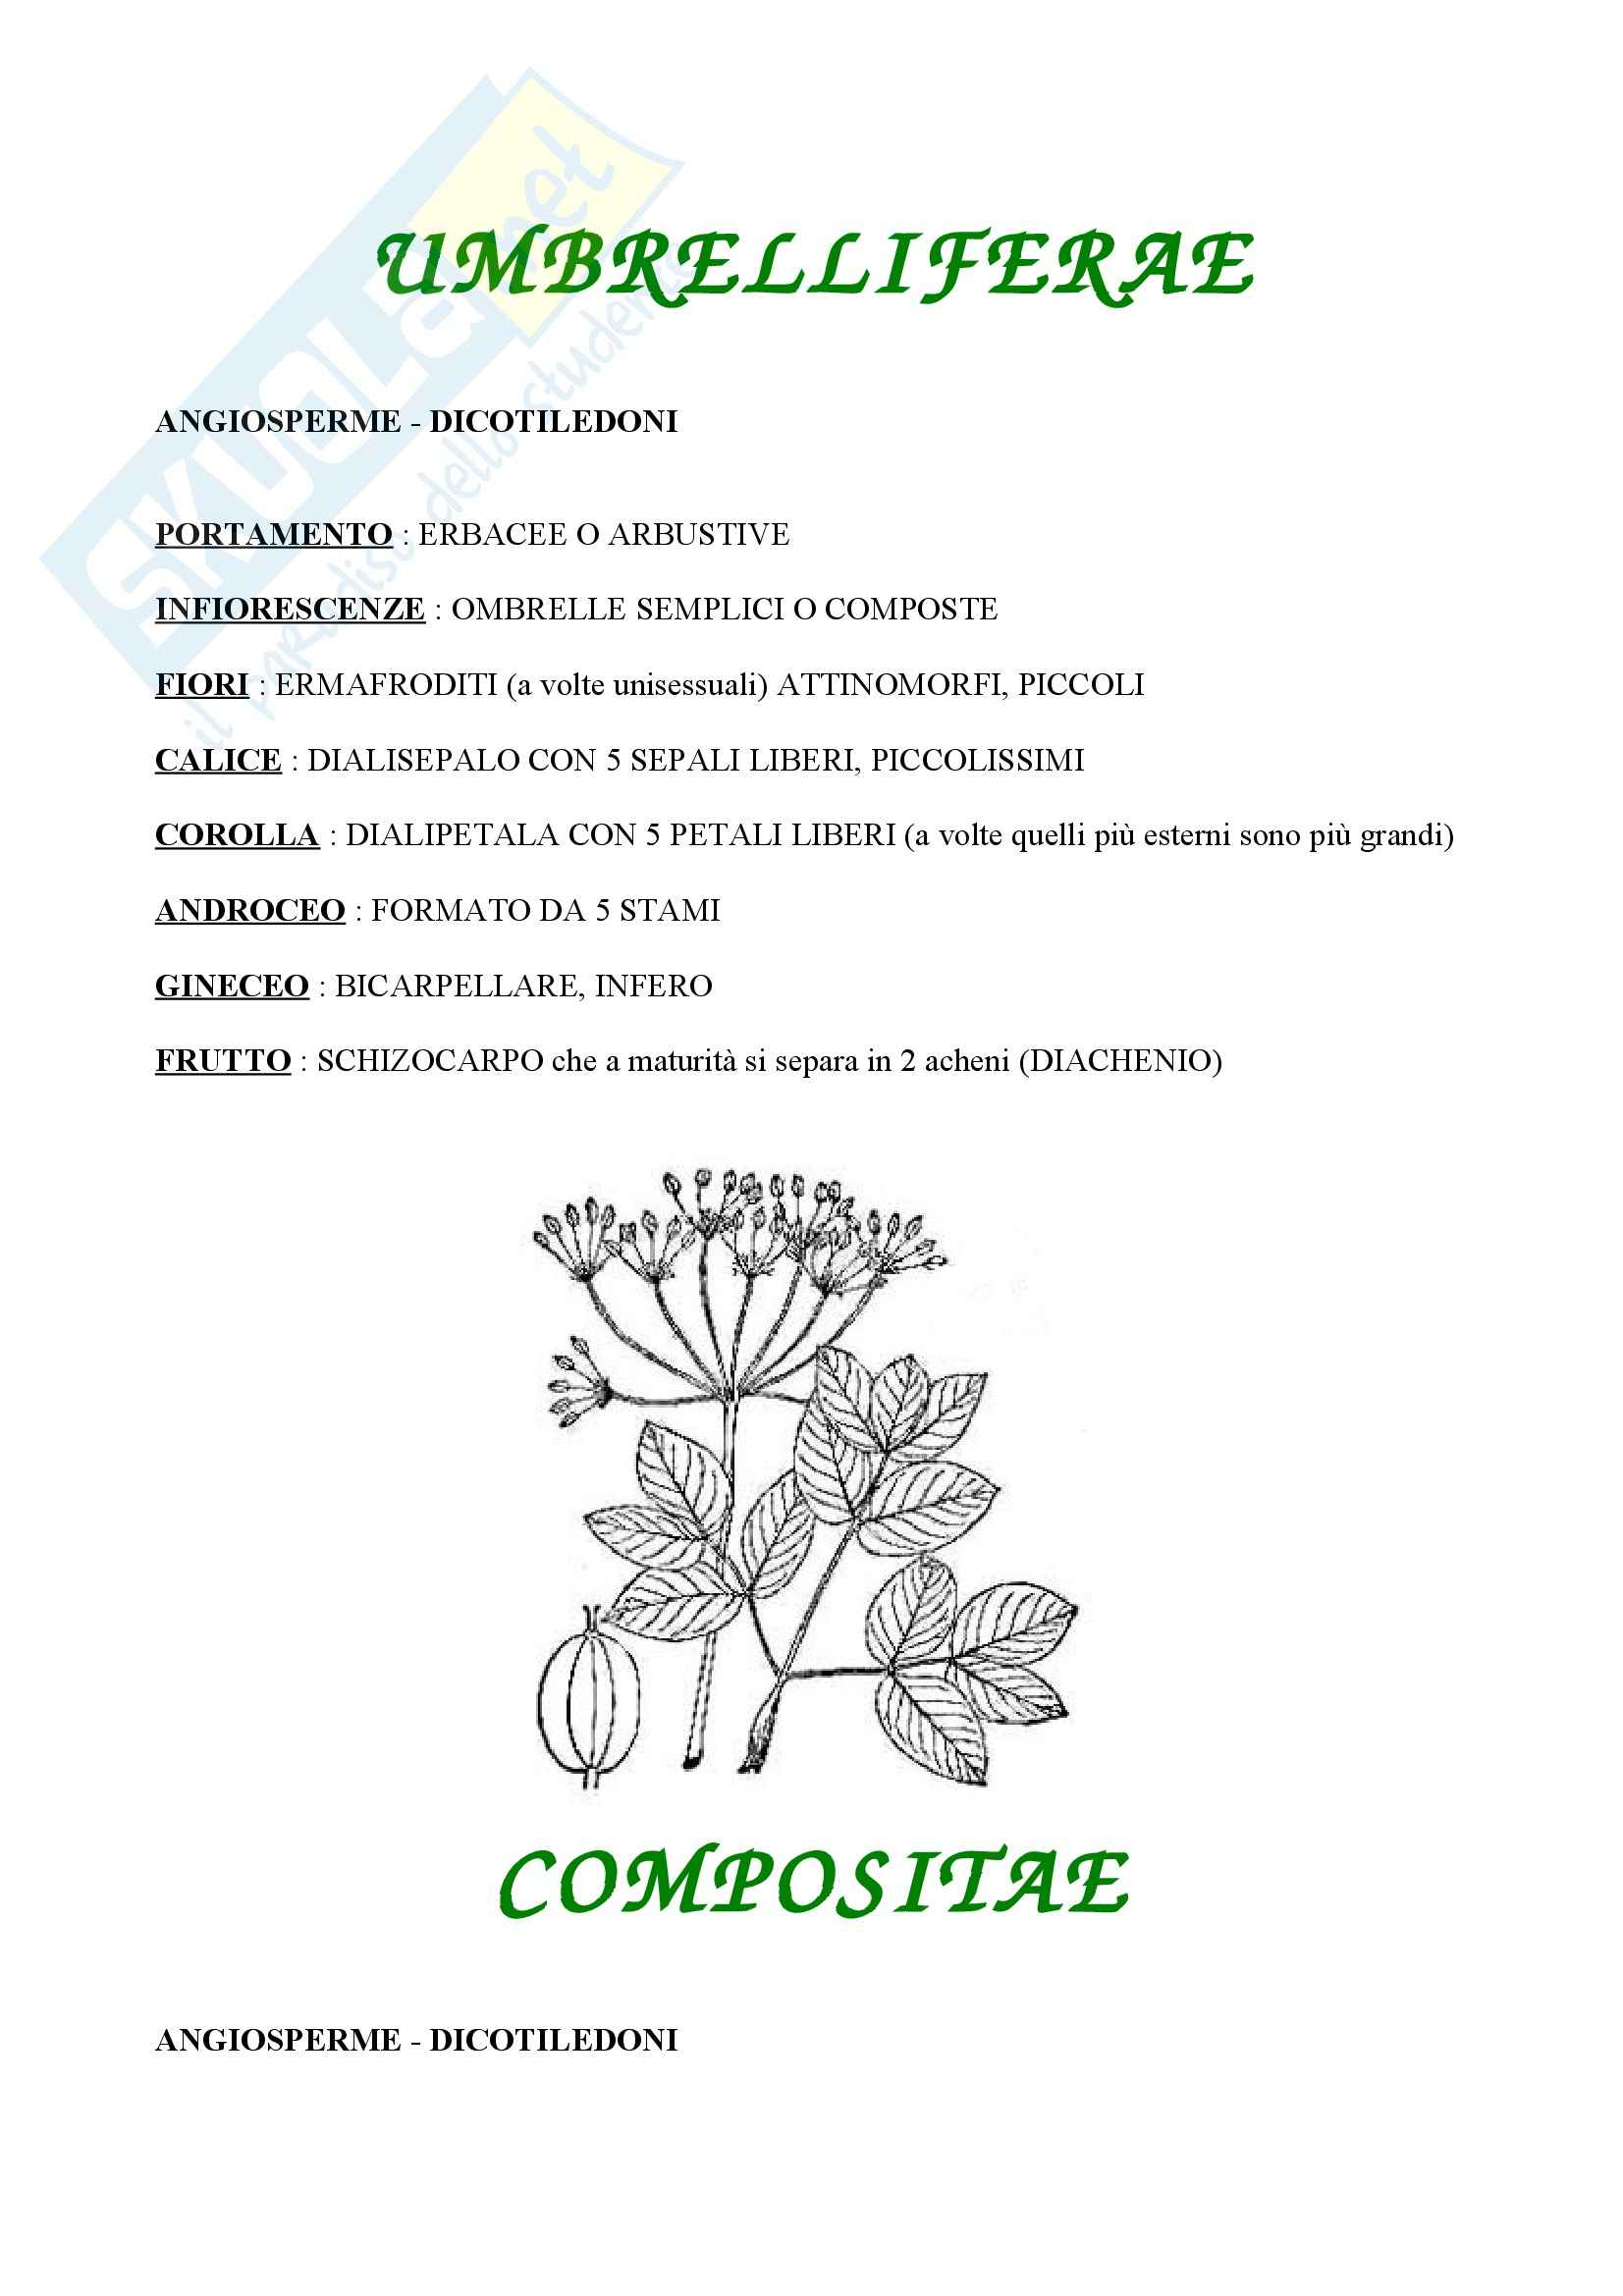 Botanica - le angiosperme